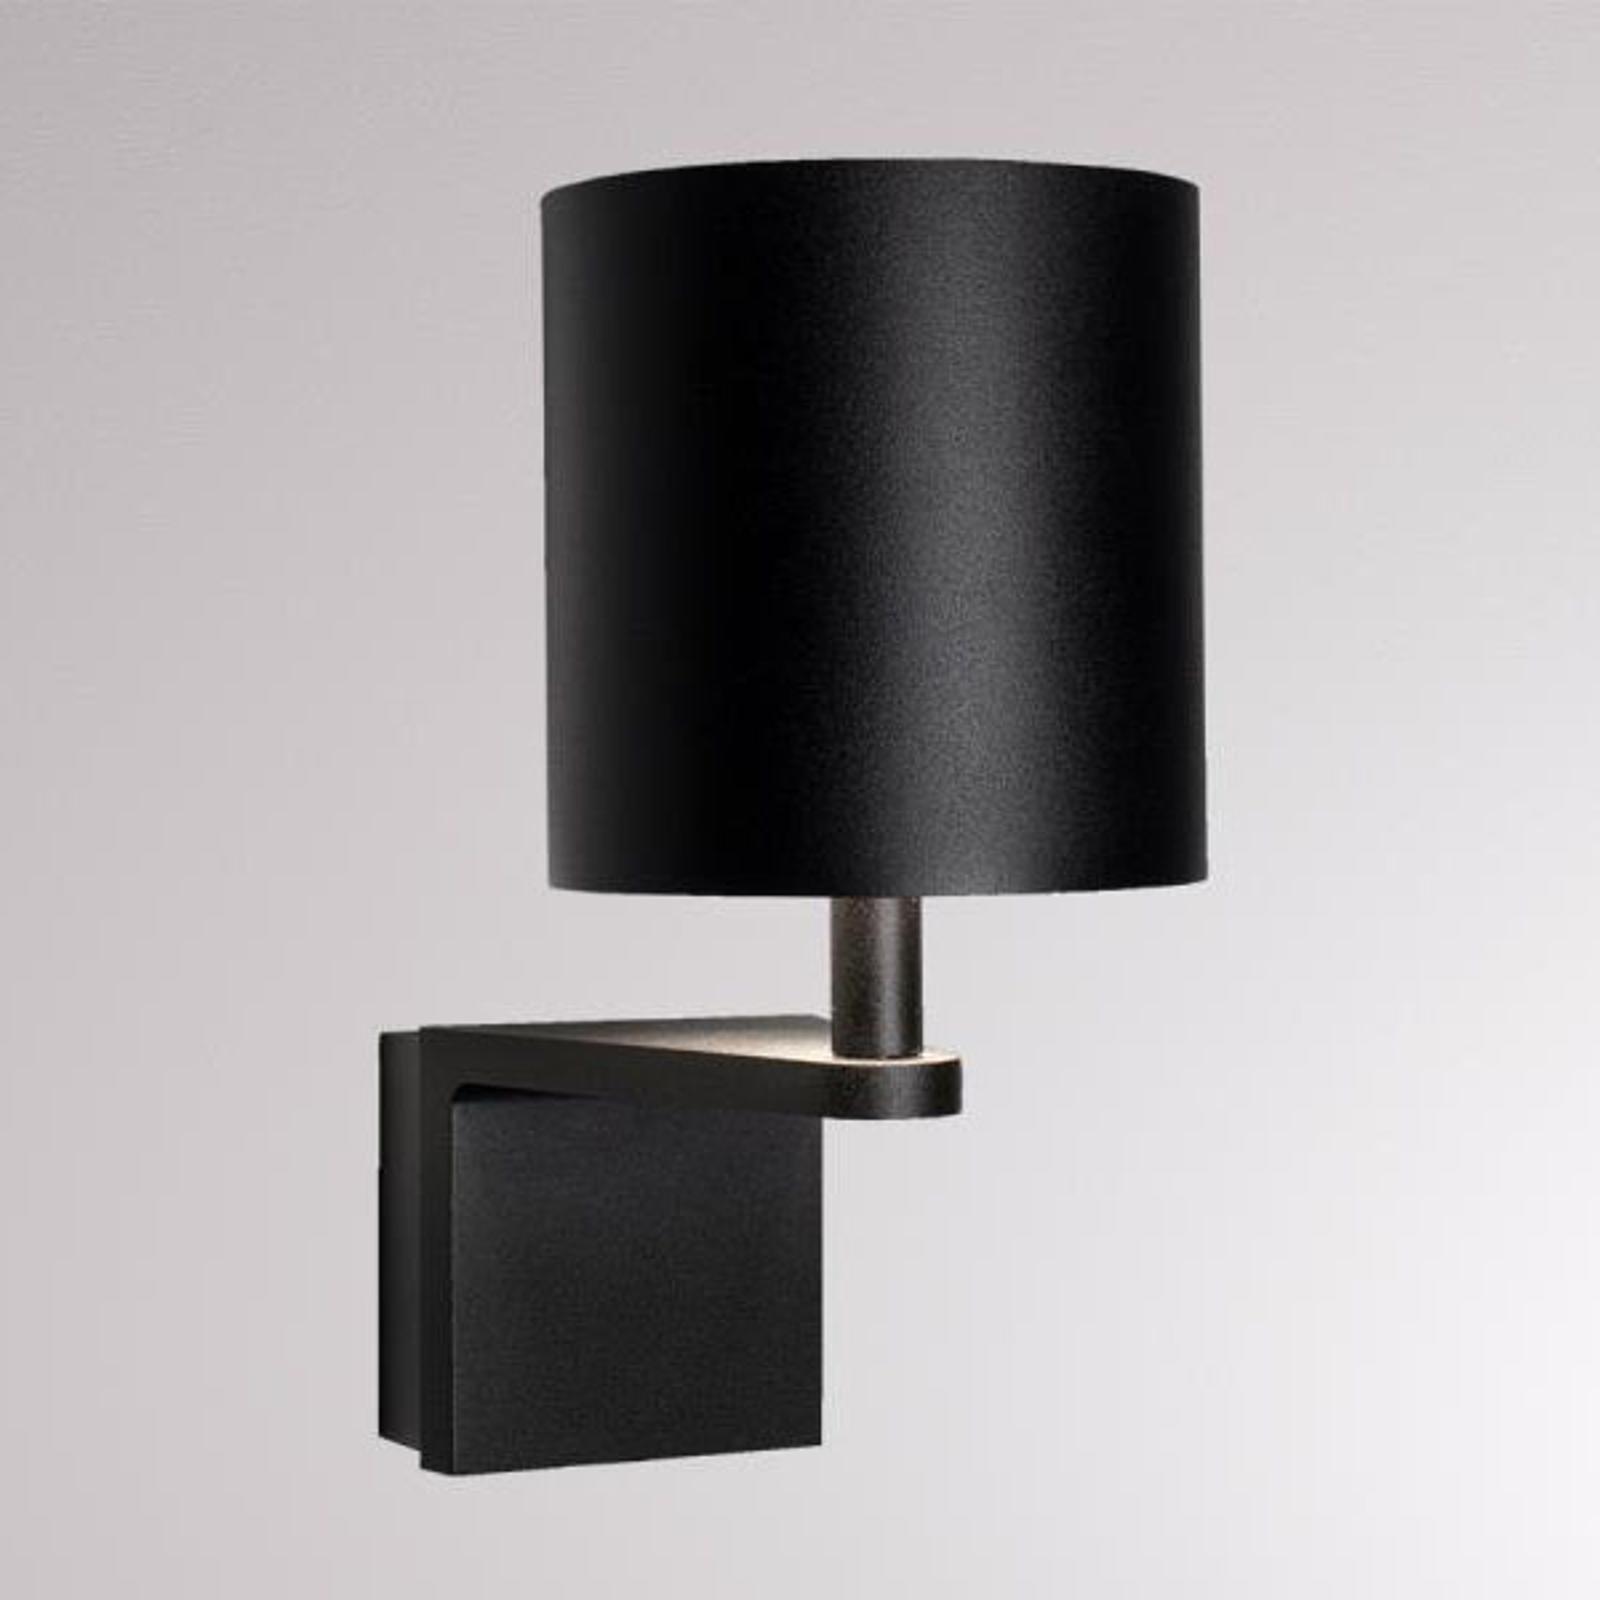 LOUM Waamp applique LED noire/ dorée